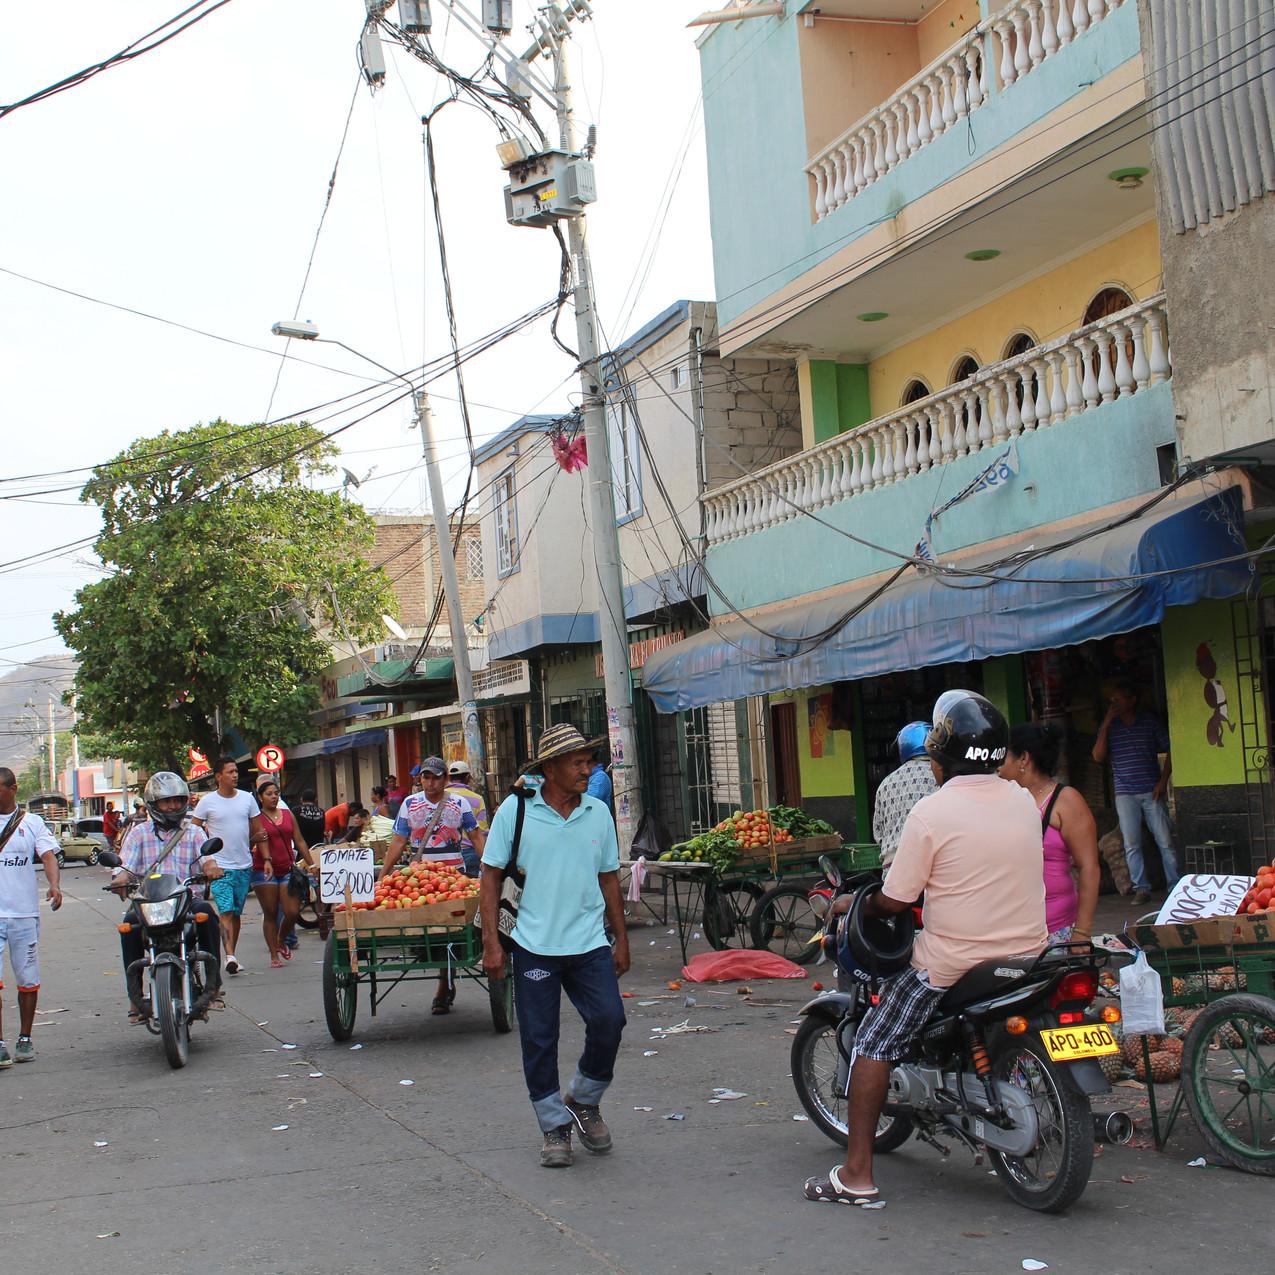 Markt in Santa Marta